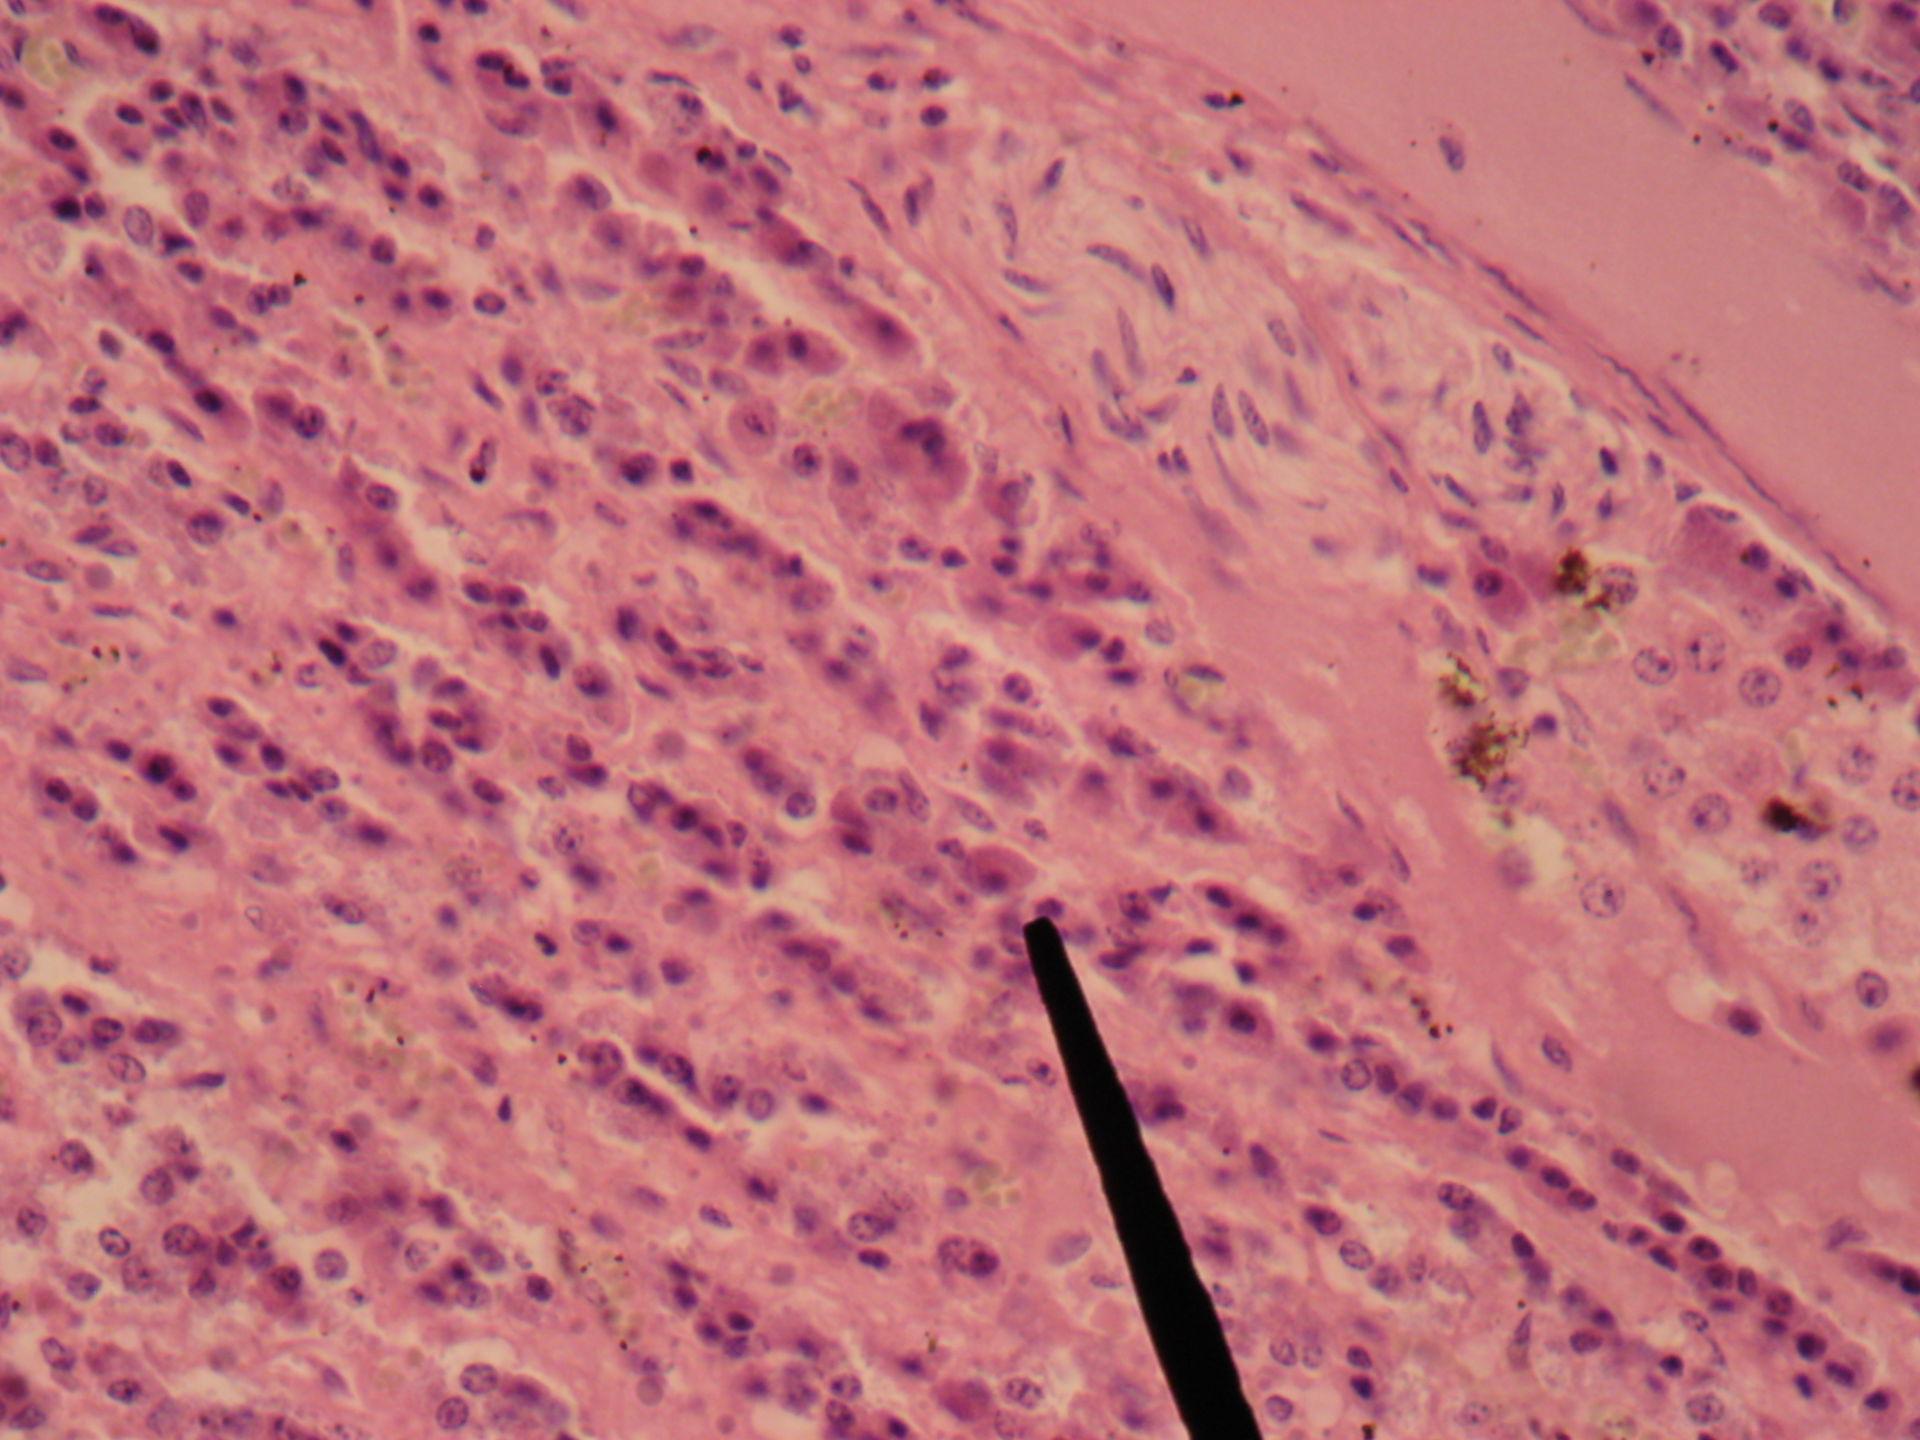 Nebenniere des Pferdes 5 - Mark und A-Zellen